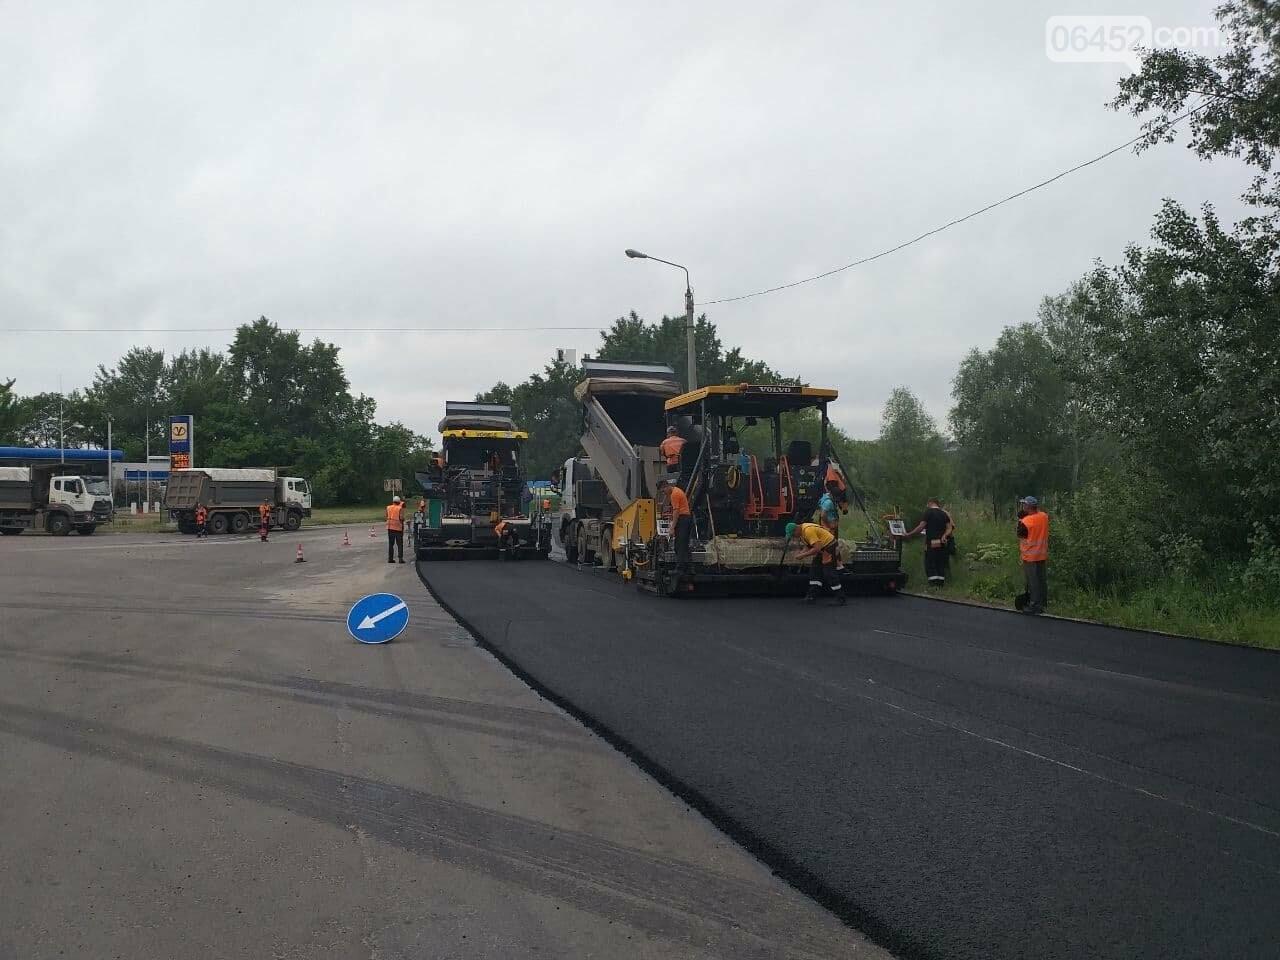 Ограничено движение троллейбусов и перекрыт пойменный мост: в Северодонецке ремонтируют дорогу, фото-11